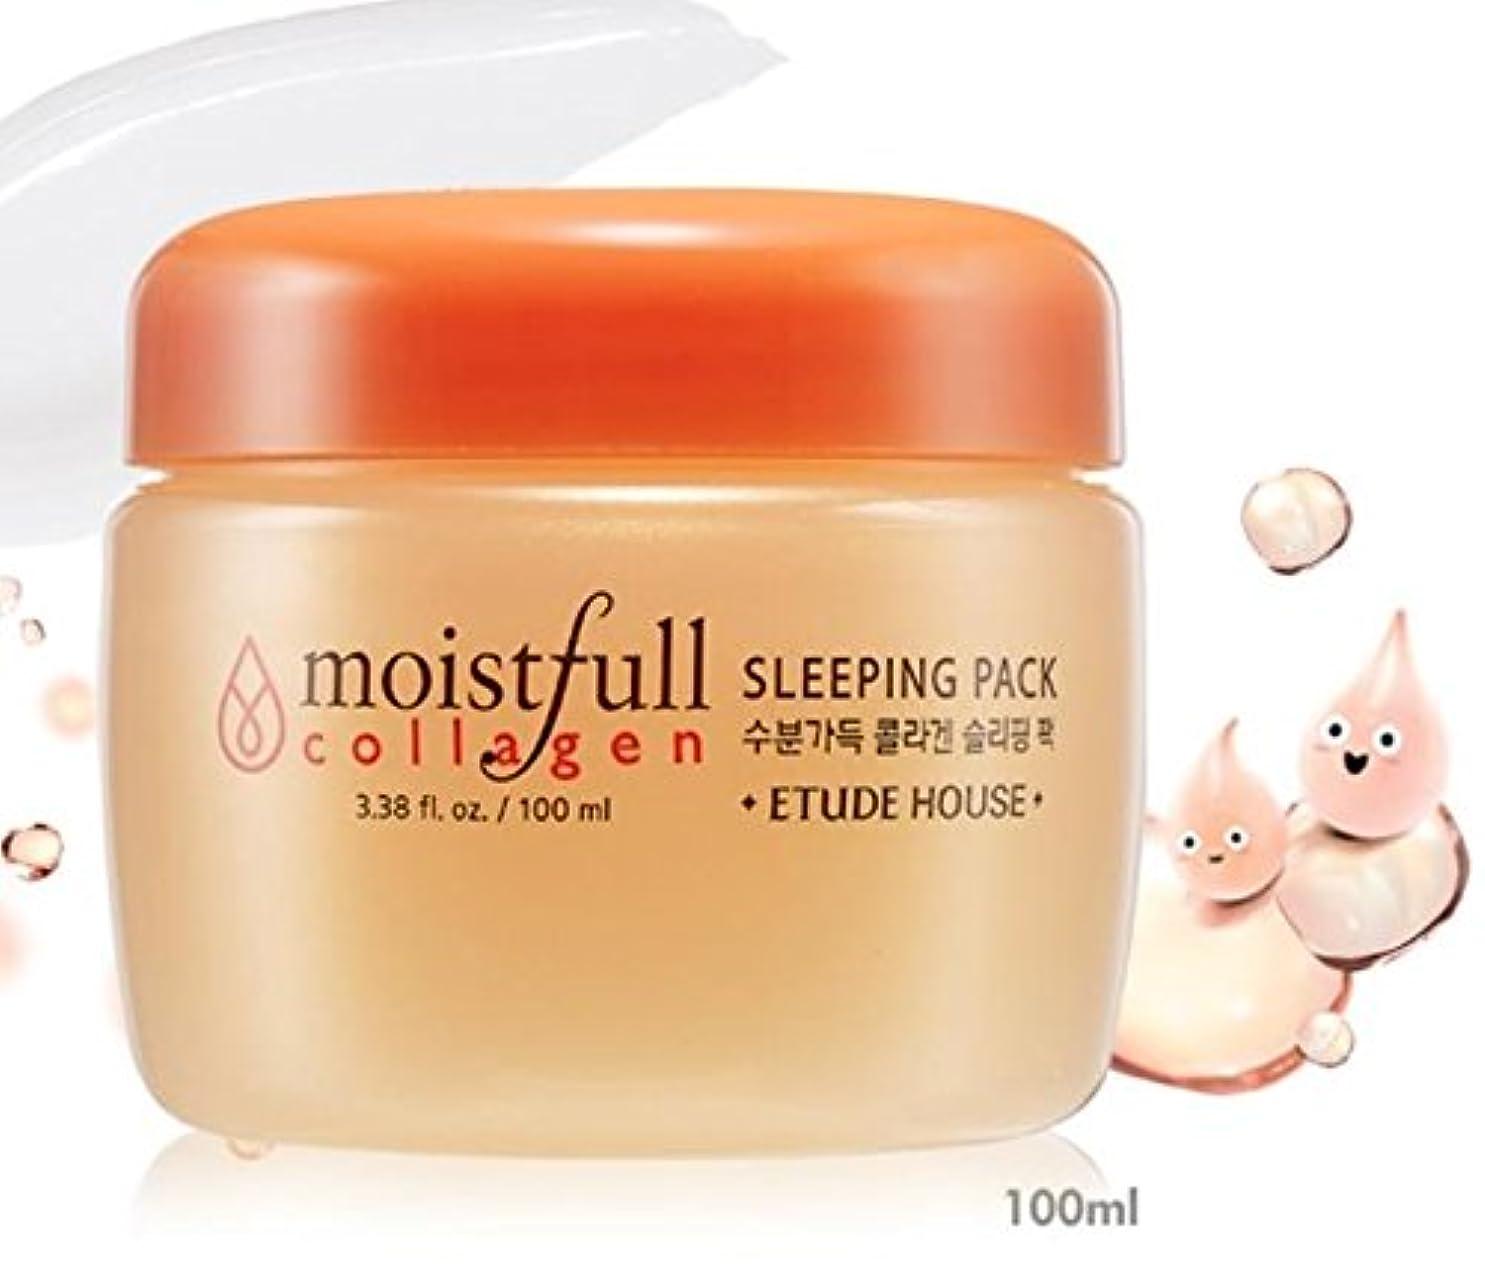 着実に憎しみ気付く[エチュードハウス] ETUDE HOUSE [モイストフルコラーゲン スリーピングパック] (Moistfull Collagen Sleeping Pack) [並行輸入品]